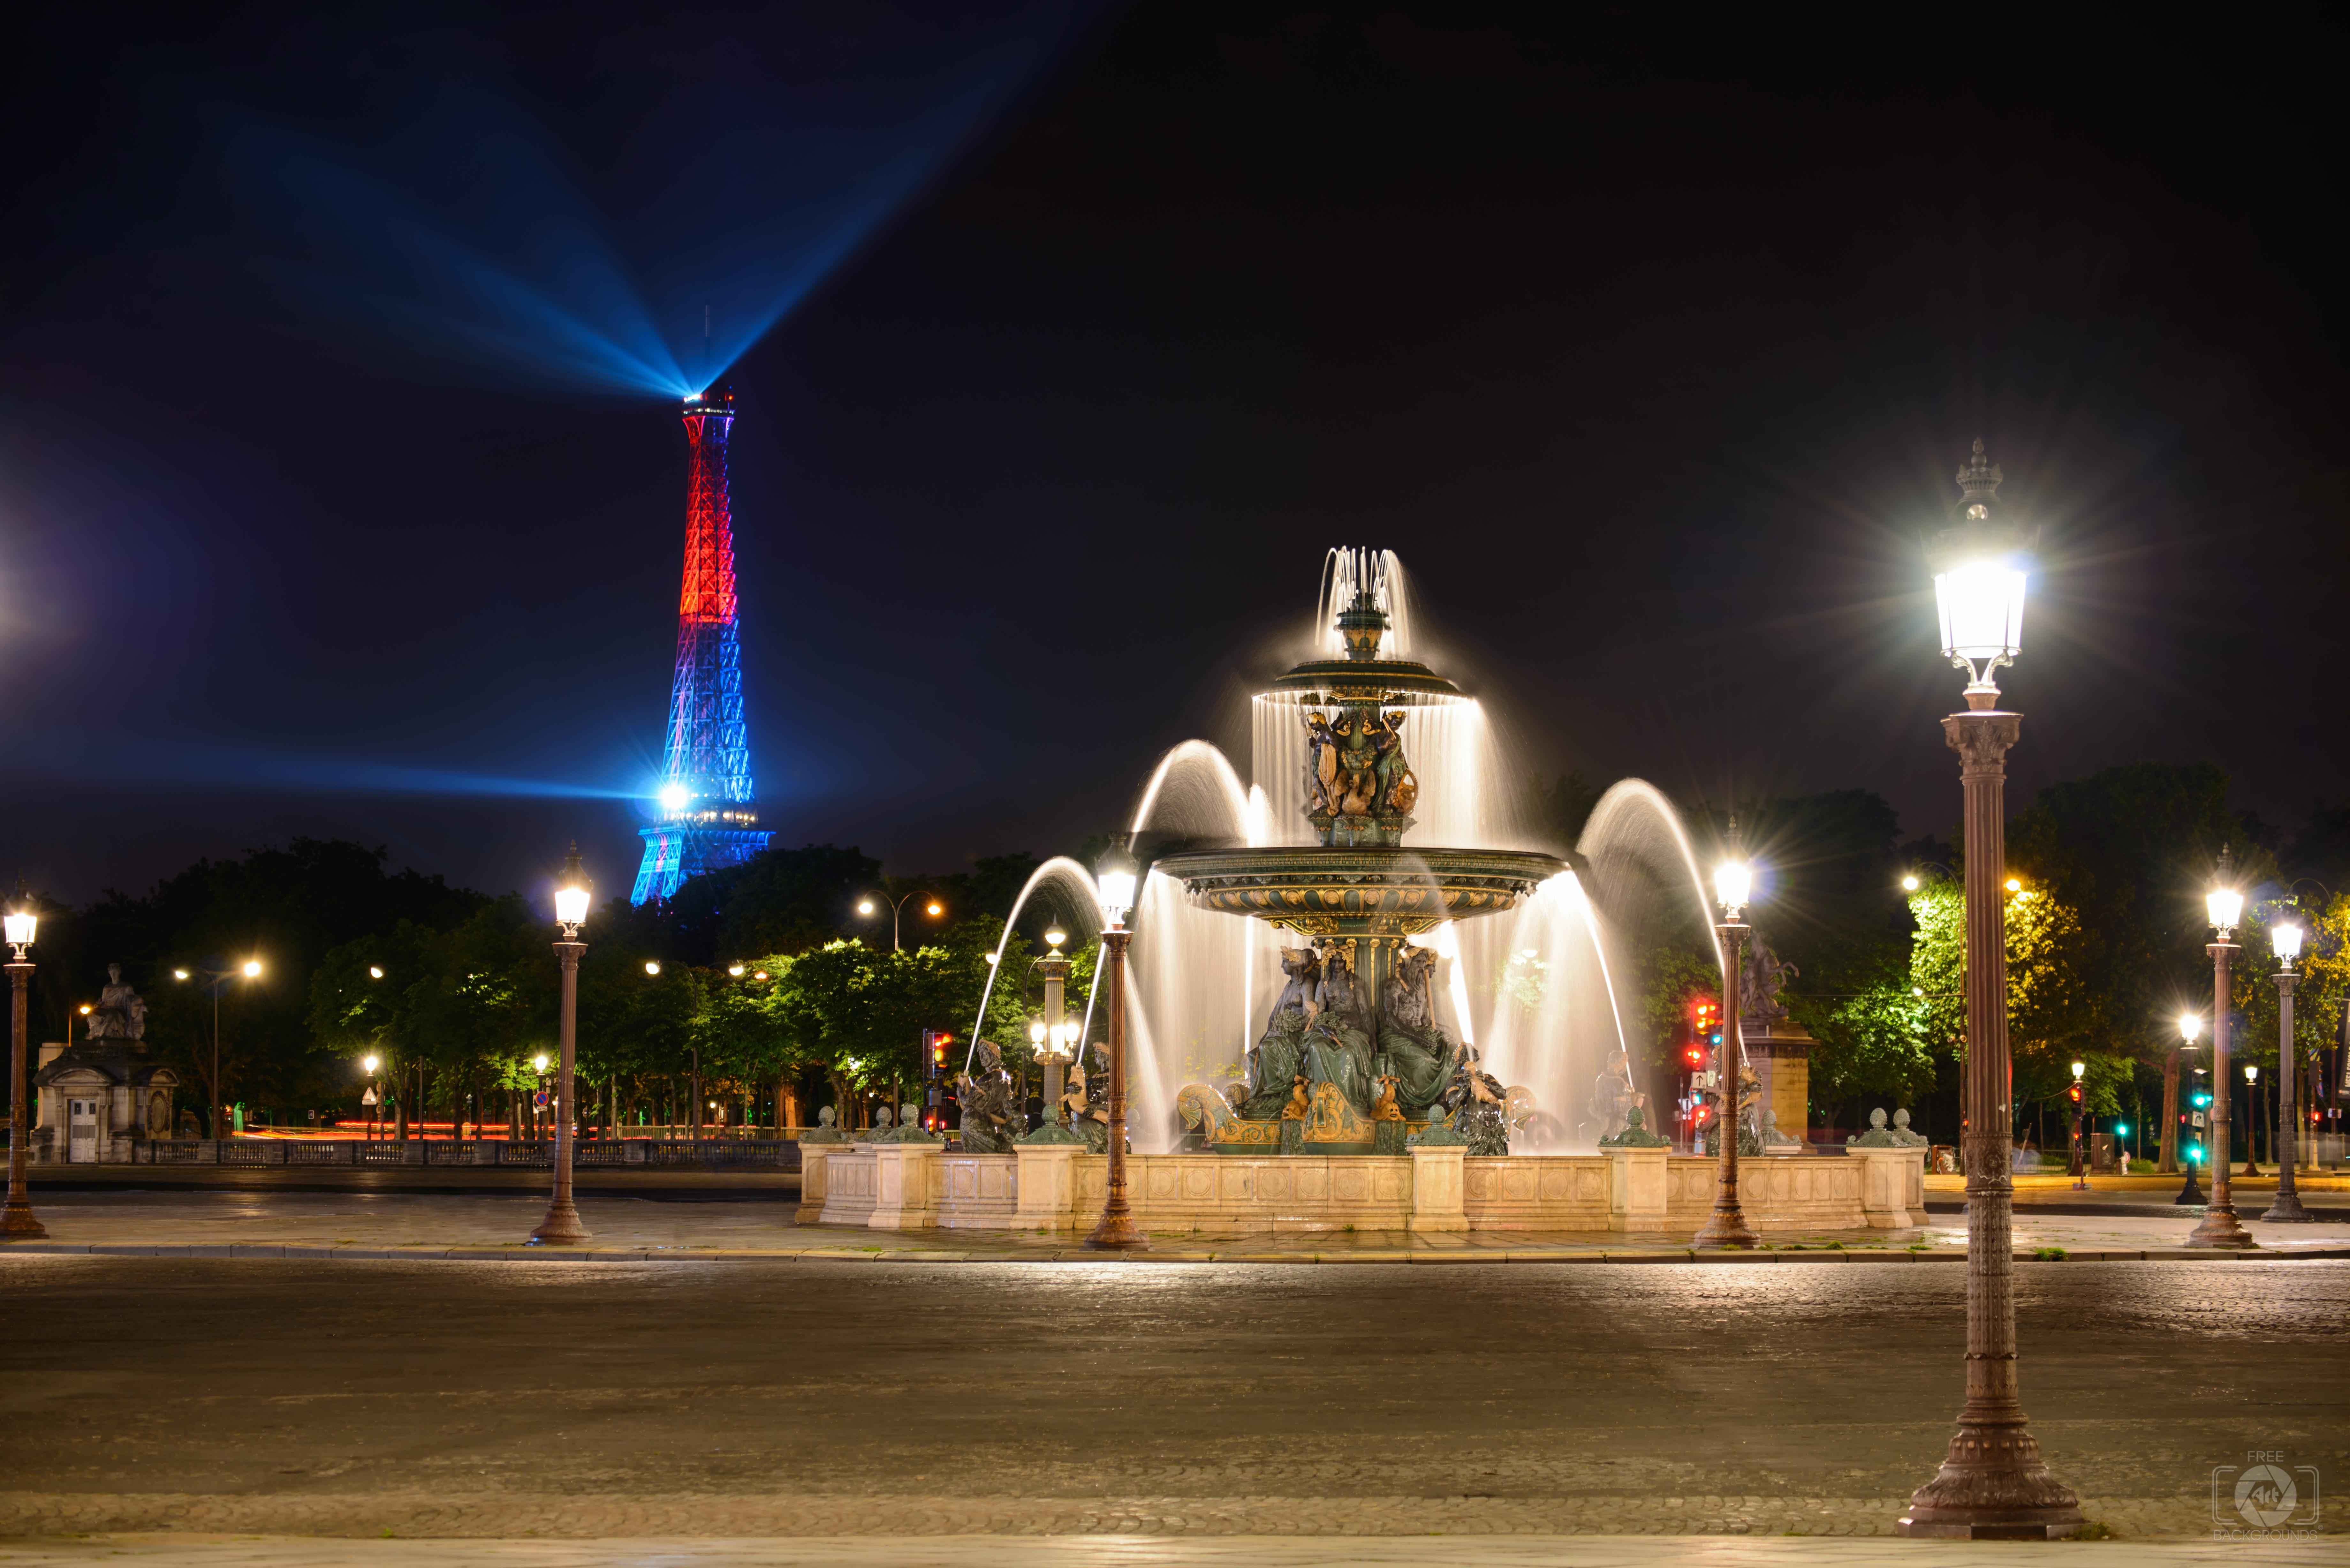 Place de la Concorde Fountain and Eiffel Tower Paris Background 7360x4912